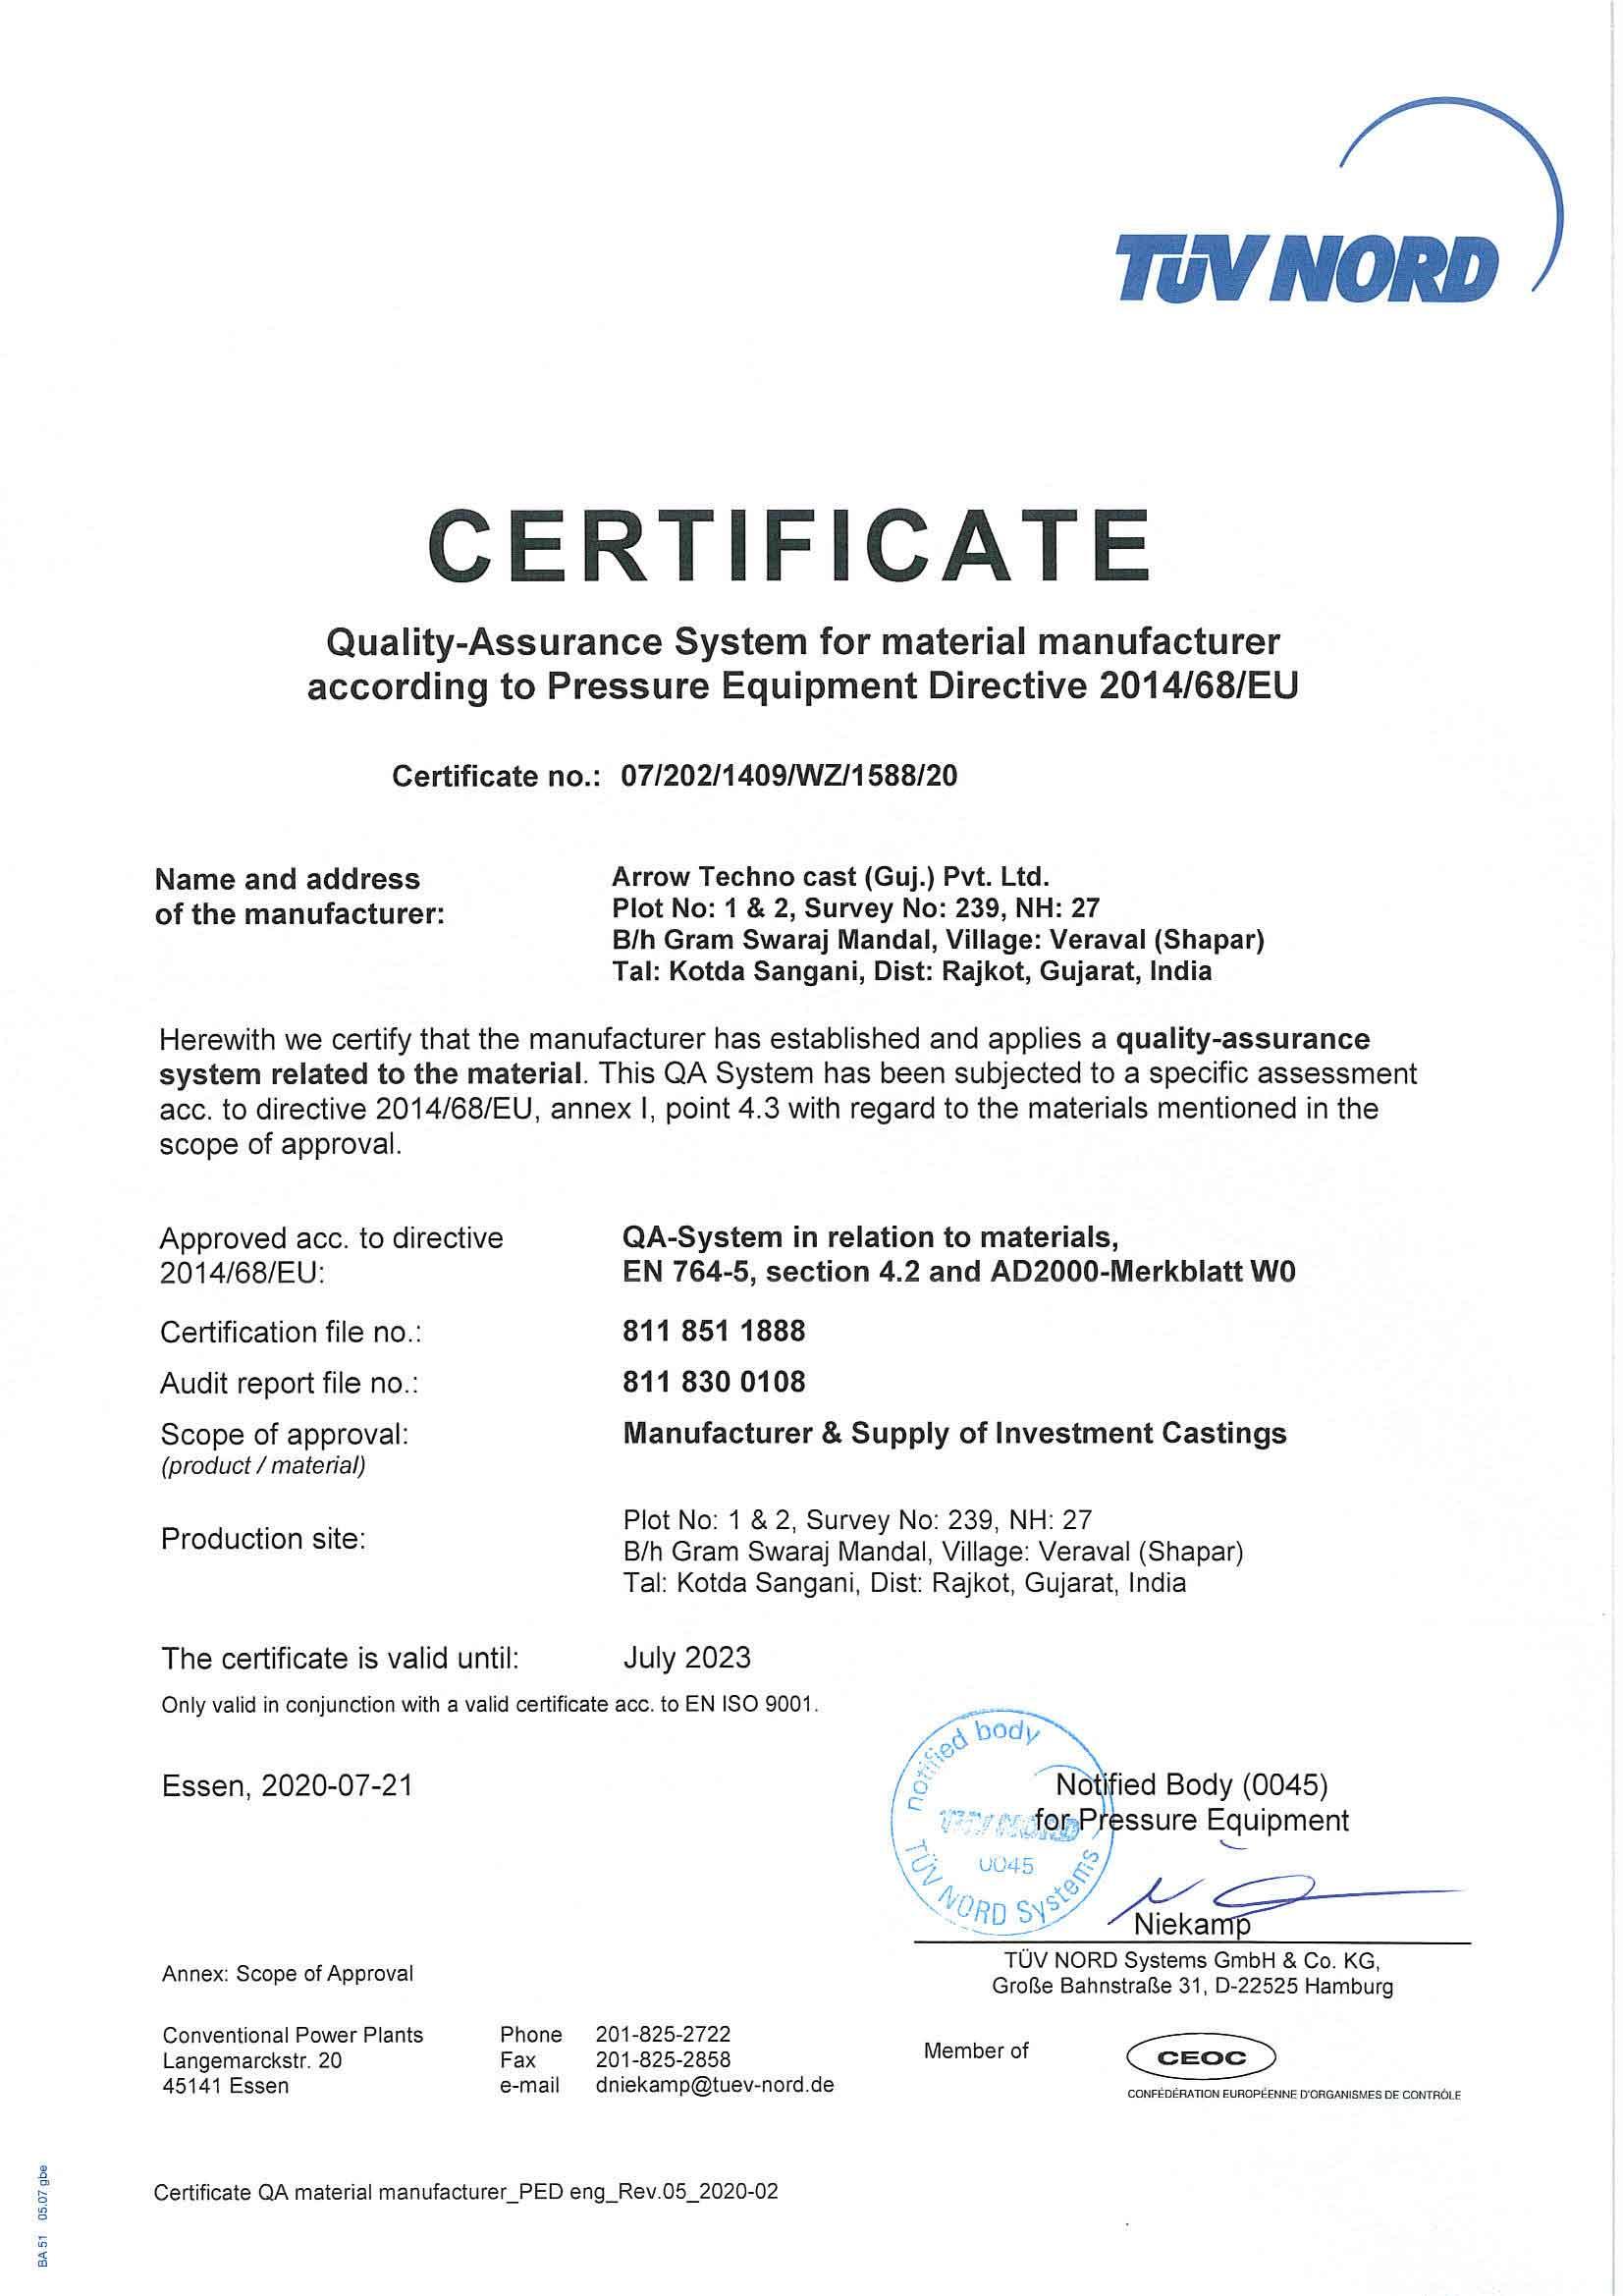 Arrow Technocast(GUJ.) Pvt. Ltd.